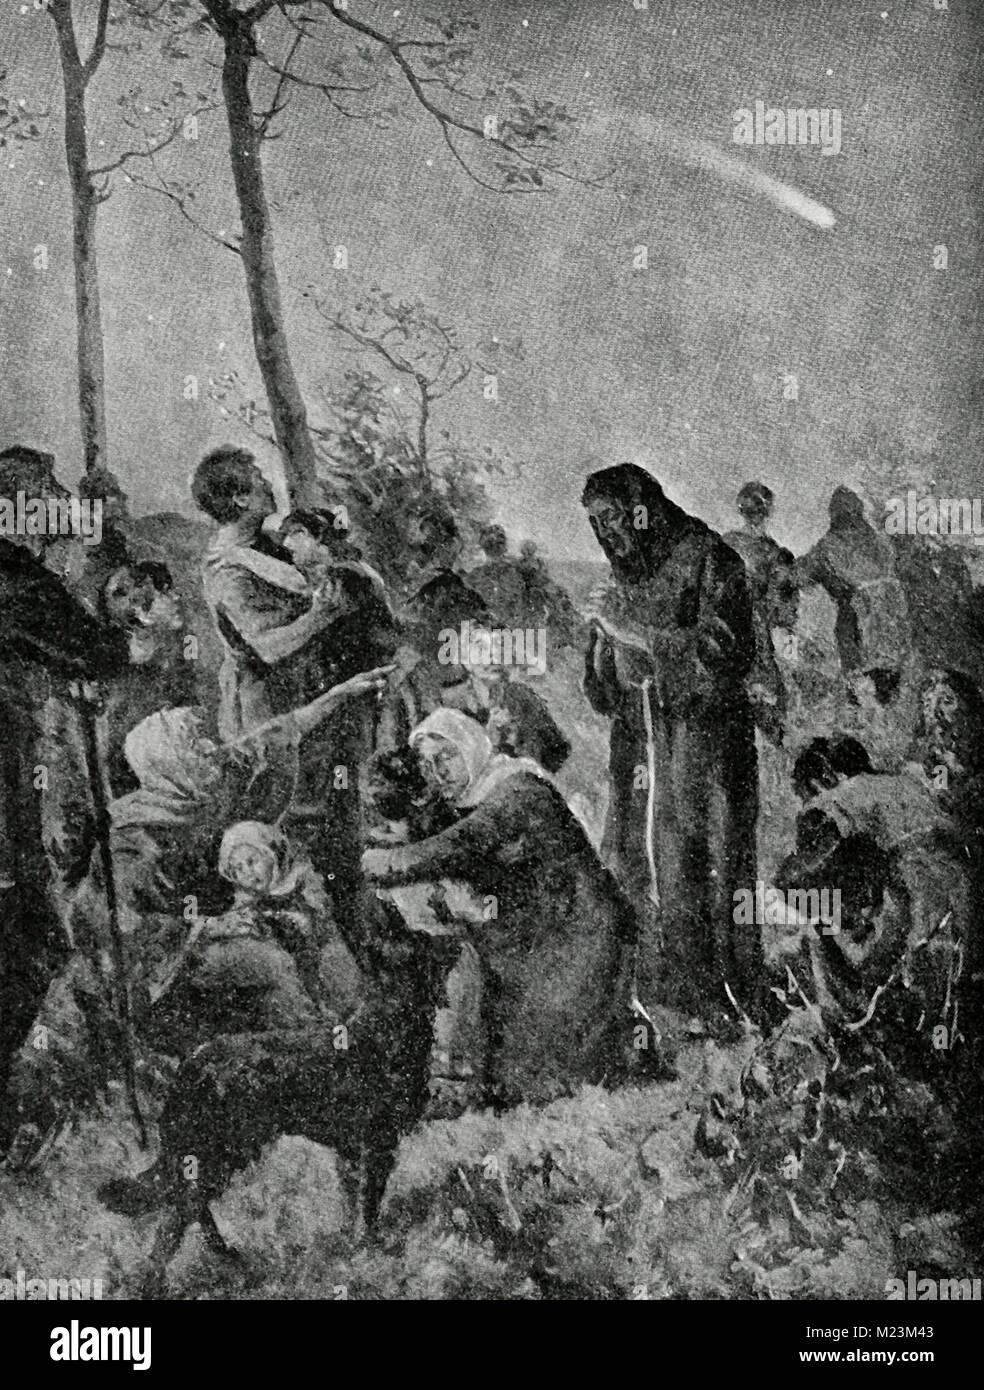 La Aparición del Cometa Halley, abril de 1066 Imagen De Stock